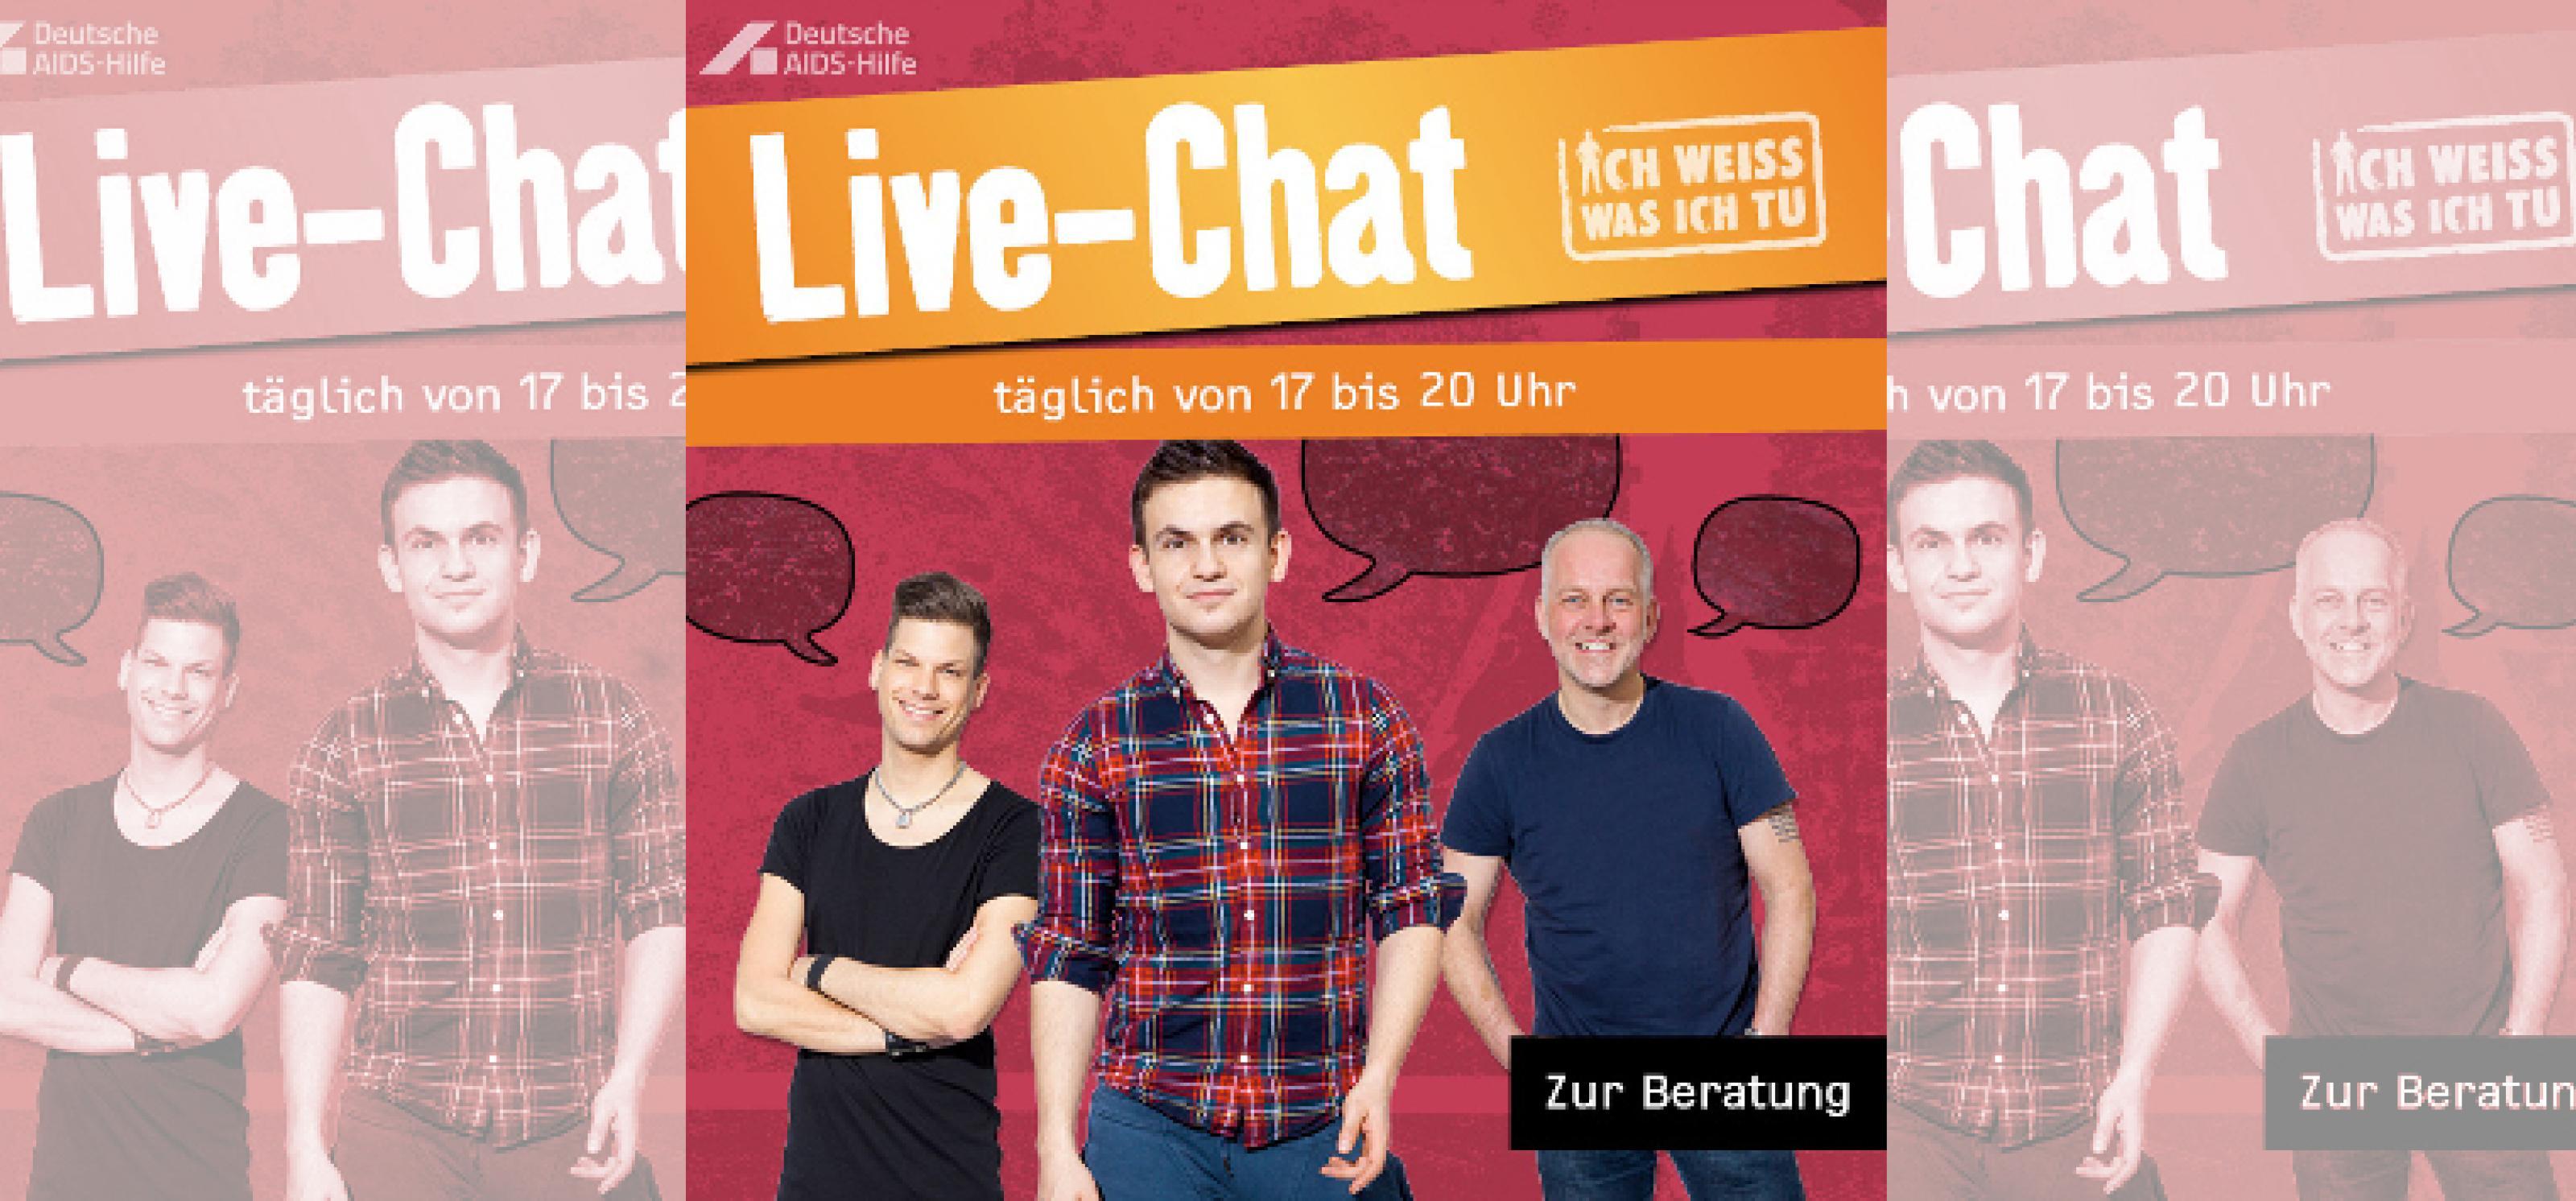 """Banner mit Text """"Live-Chat täglich von 17 bis 20 Uhr"""", roter Hintergrund, davor drei Männer verschiedenen Alters"""